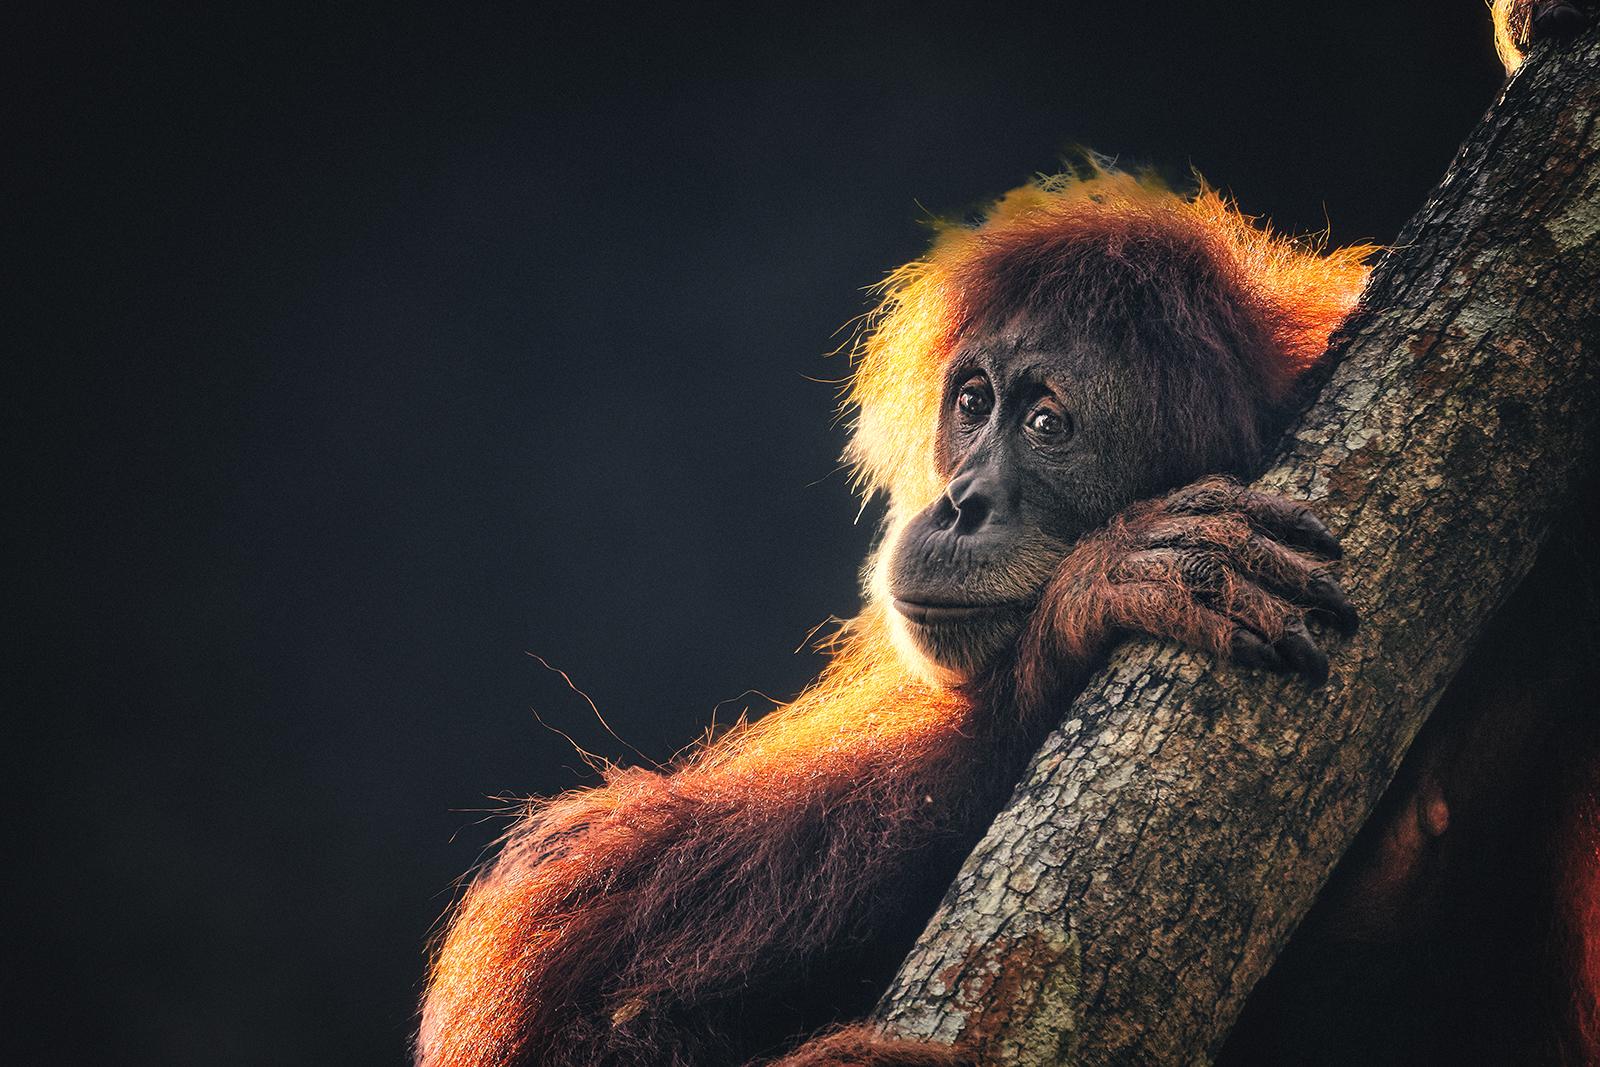 An Orangutan Gazes